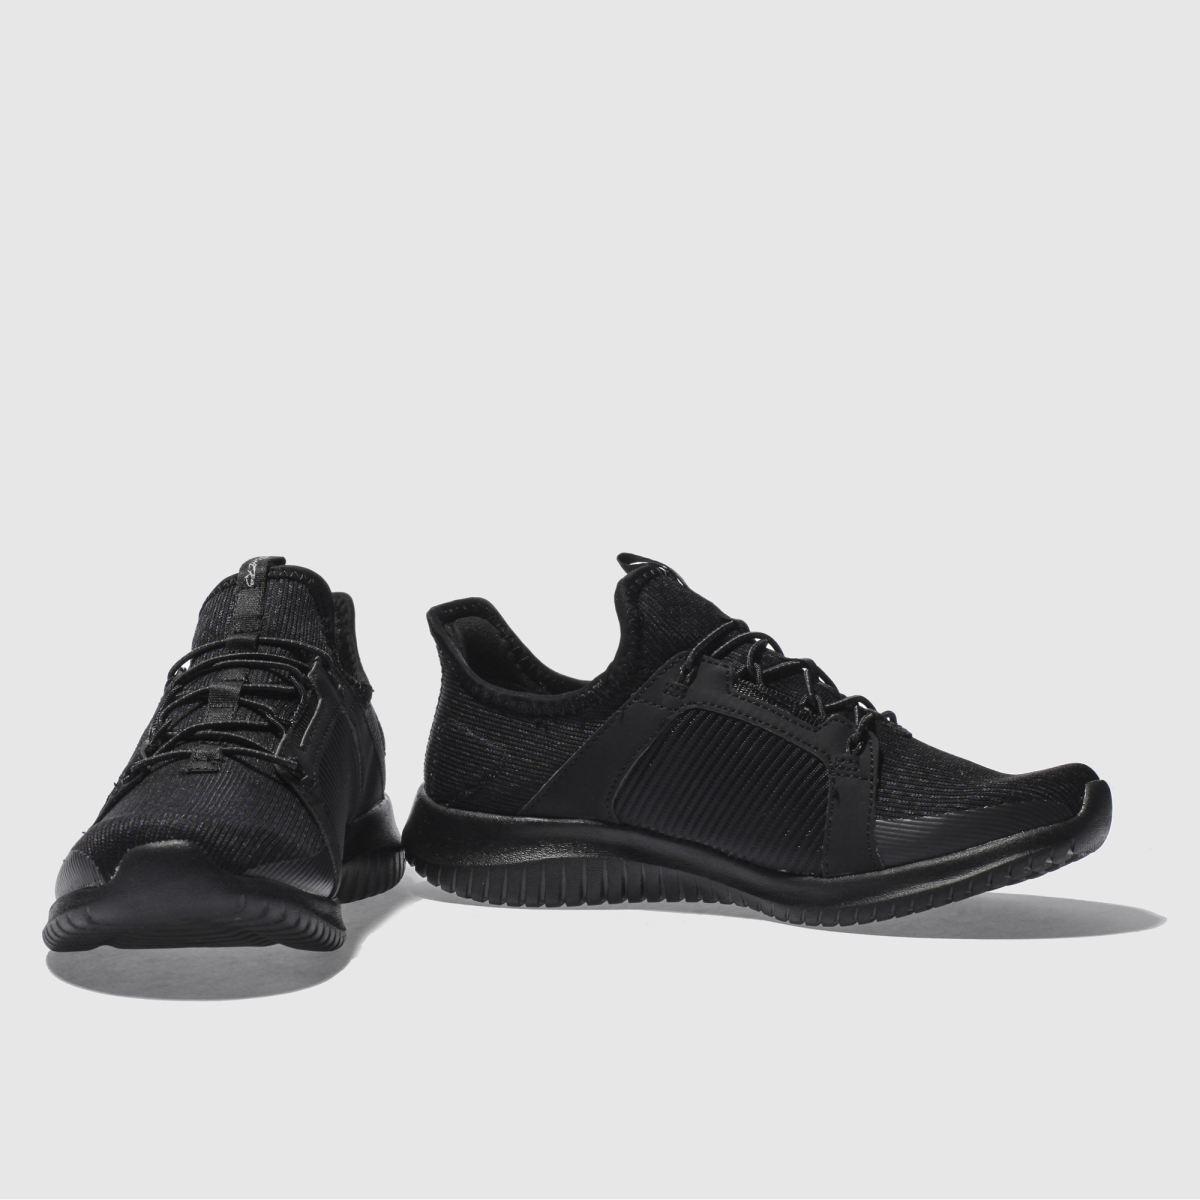 Damen Schwarz skechers Ultra Flex Jaw Dropper Qualität Sneaker   schuh Gute Qualität Dropper beliebte Schuhe bf835e